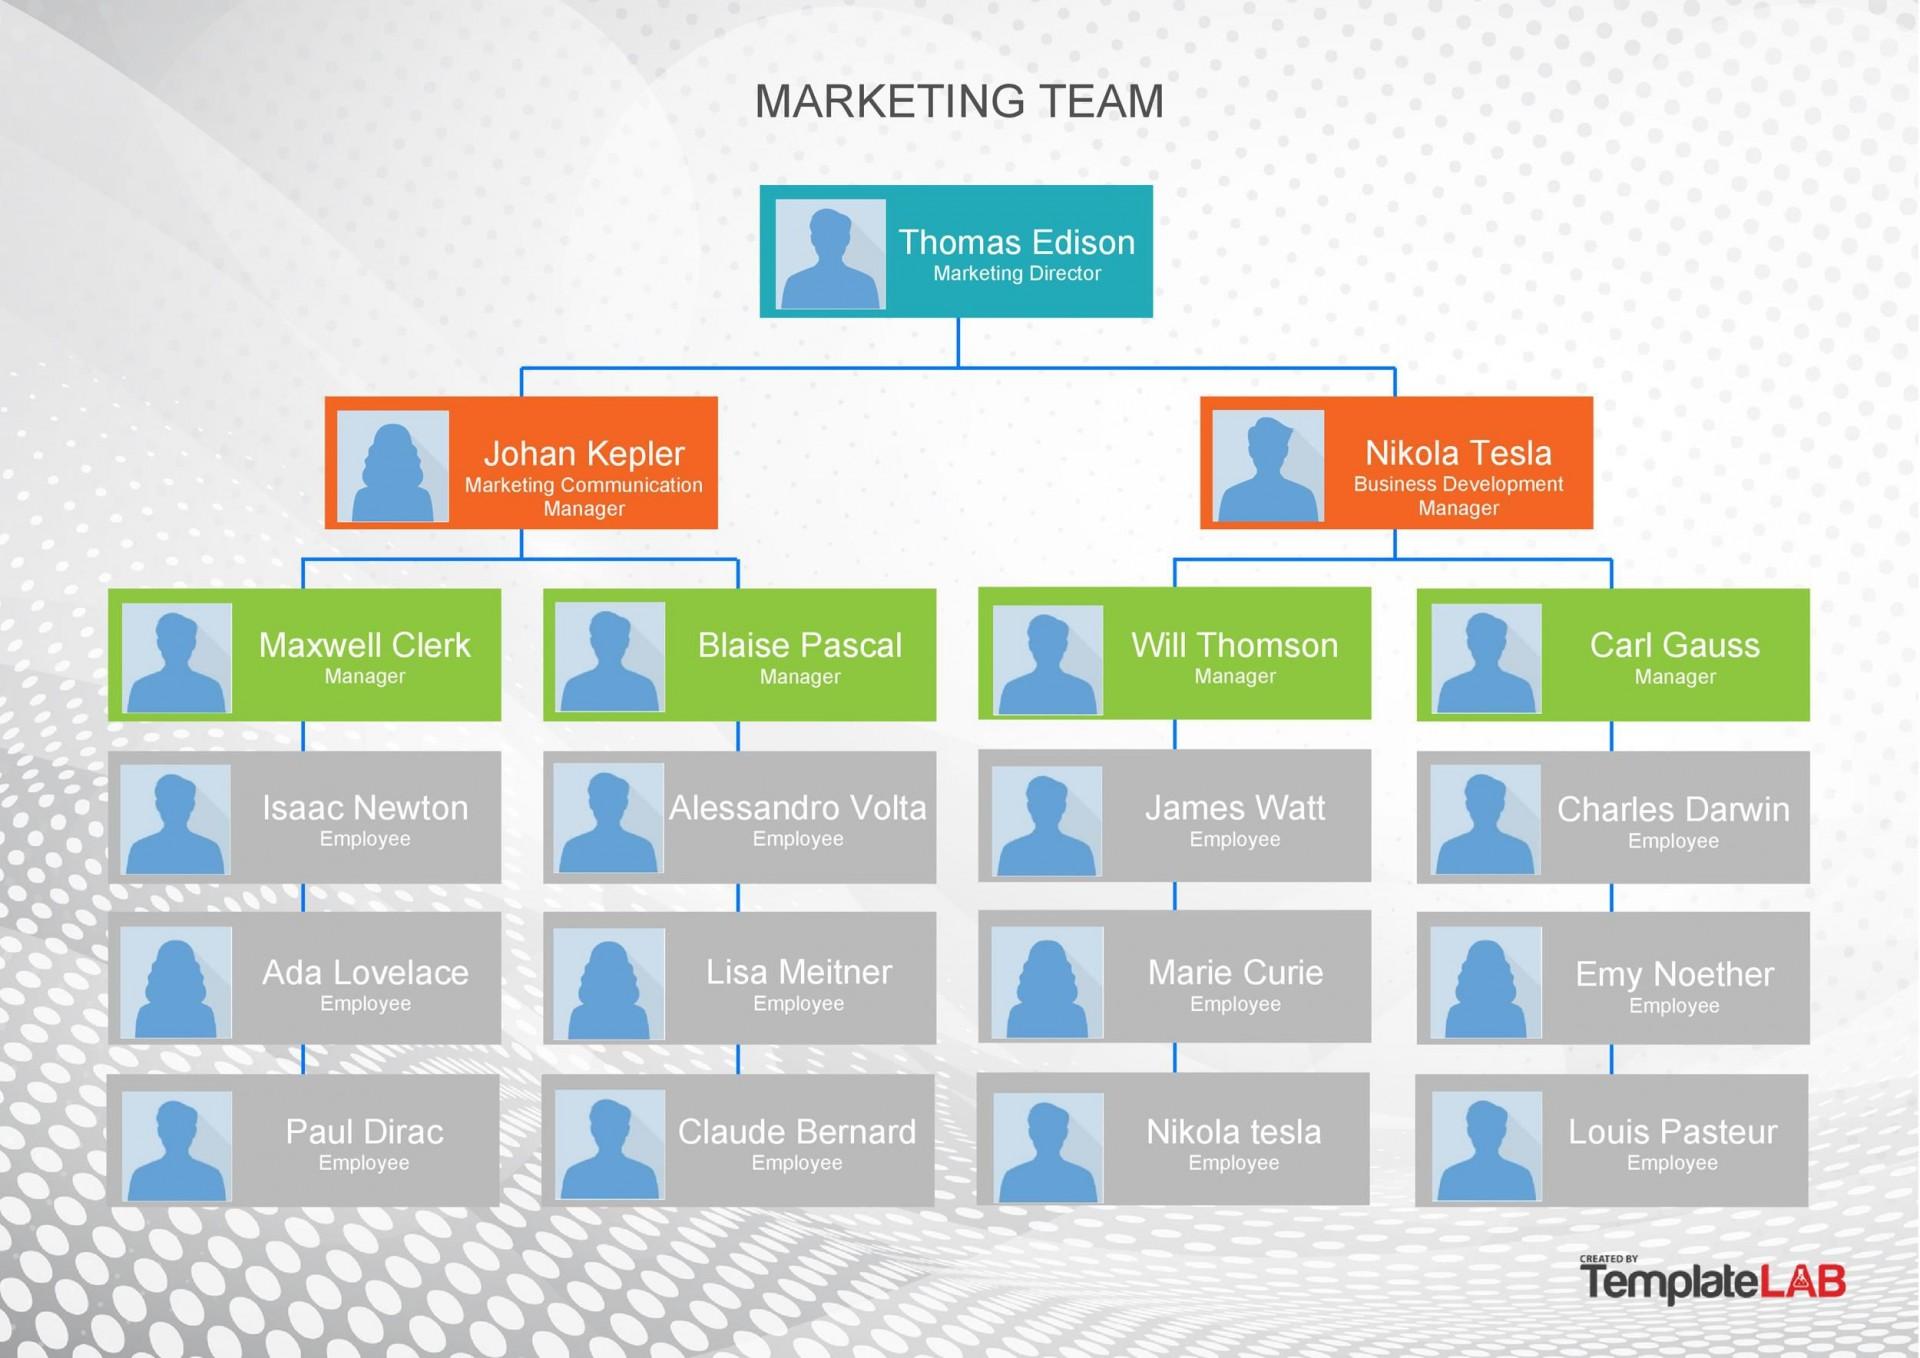 006 Amazing Microsoft Office Organizational Chart Template 2010 Sample 1920